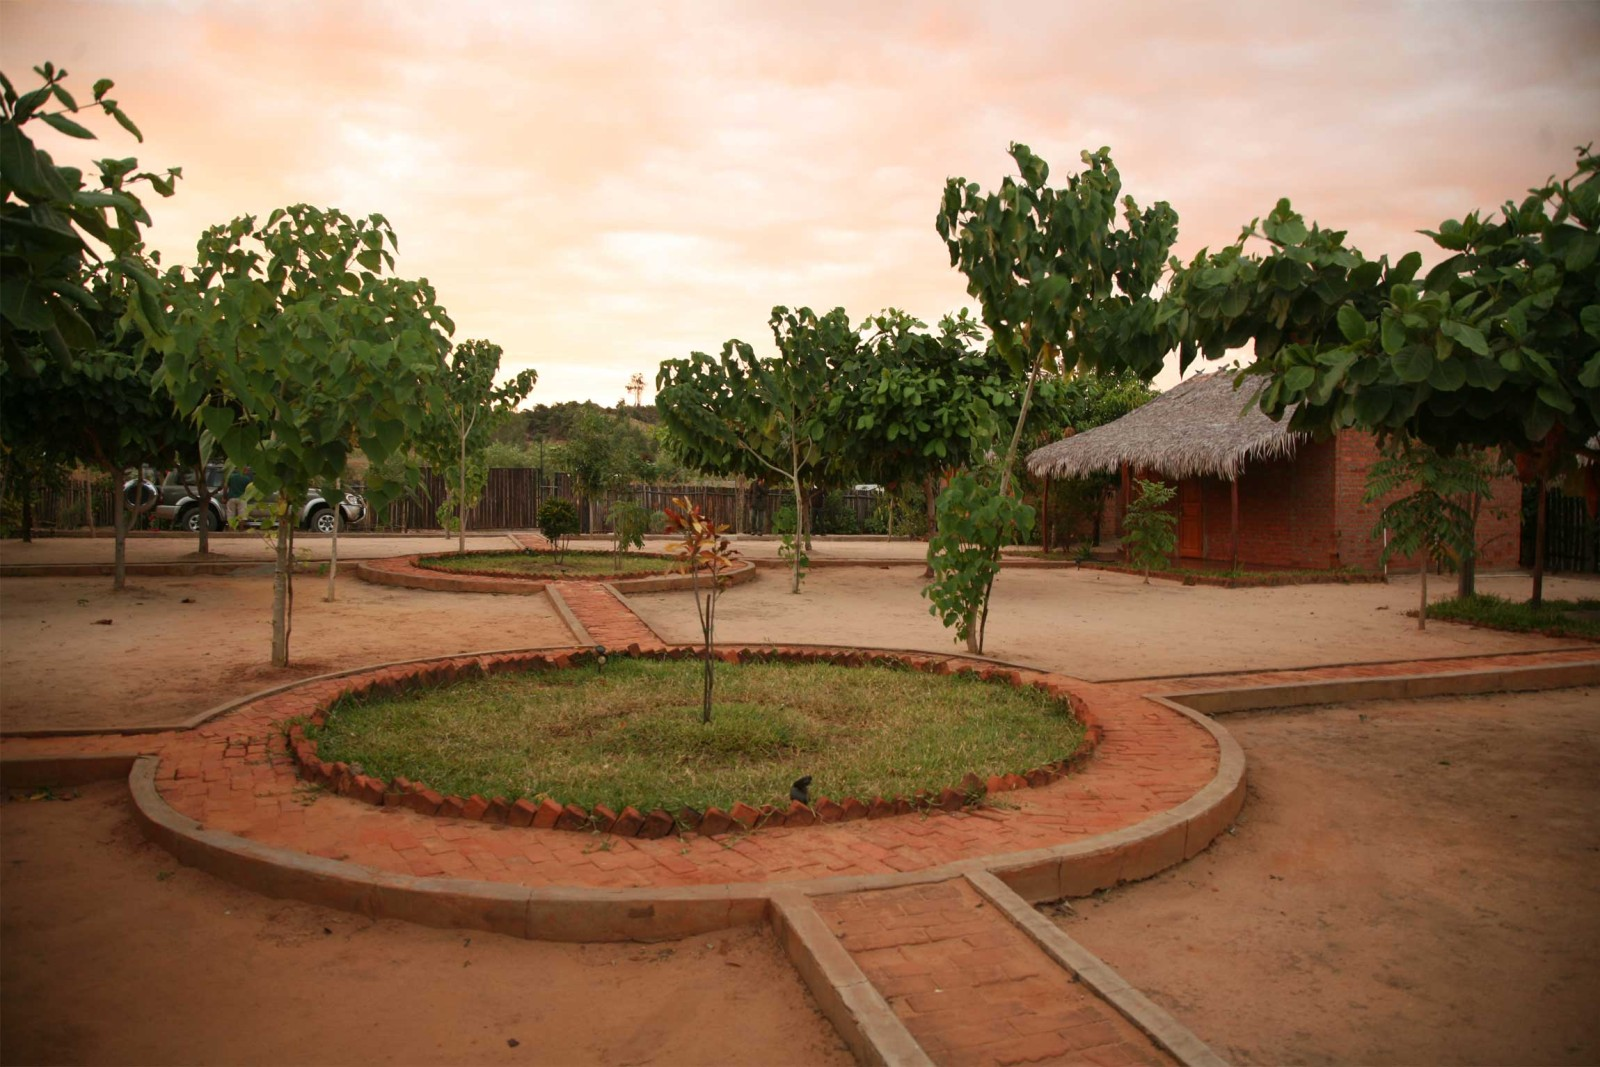 madagascar_accommodation_blue-vanga-lodge-outside-2